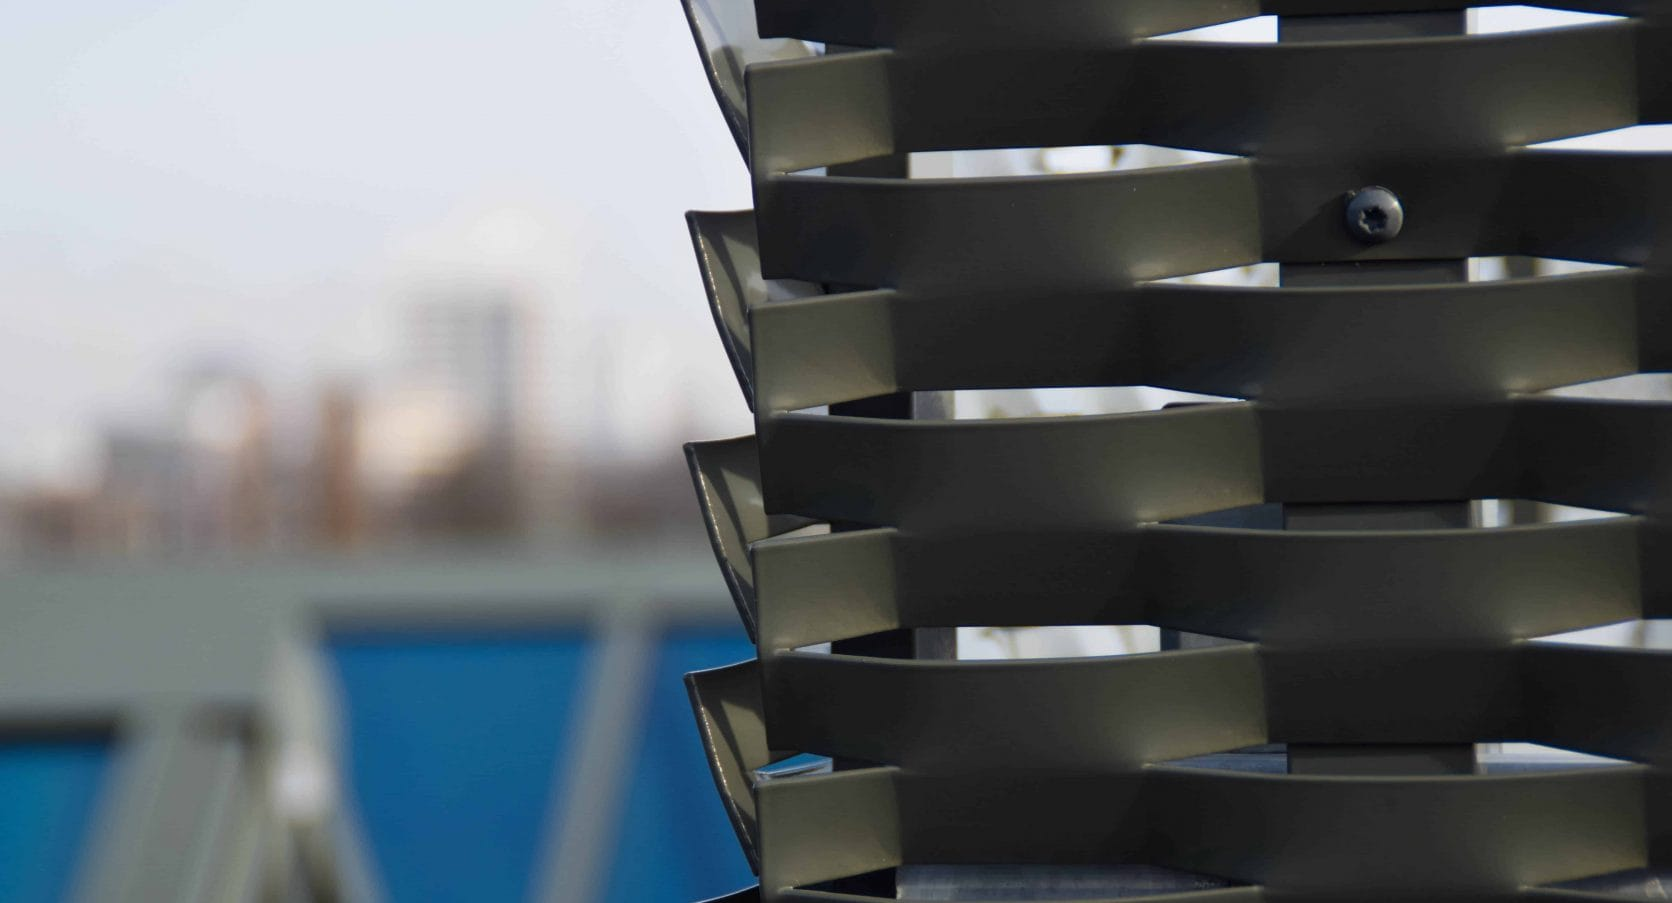 Hoekdetail MD Strekmetaal dakopbouw als afscherming van installatie bij Ortelisalaan in Utrecht